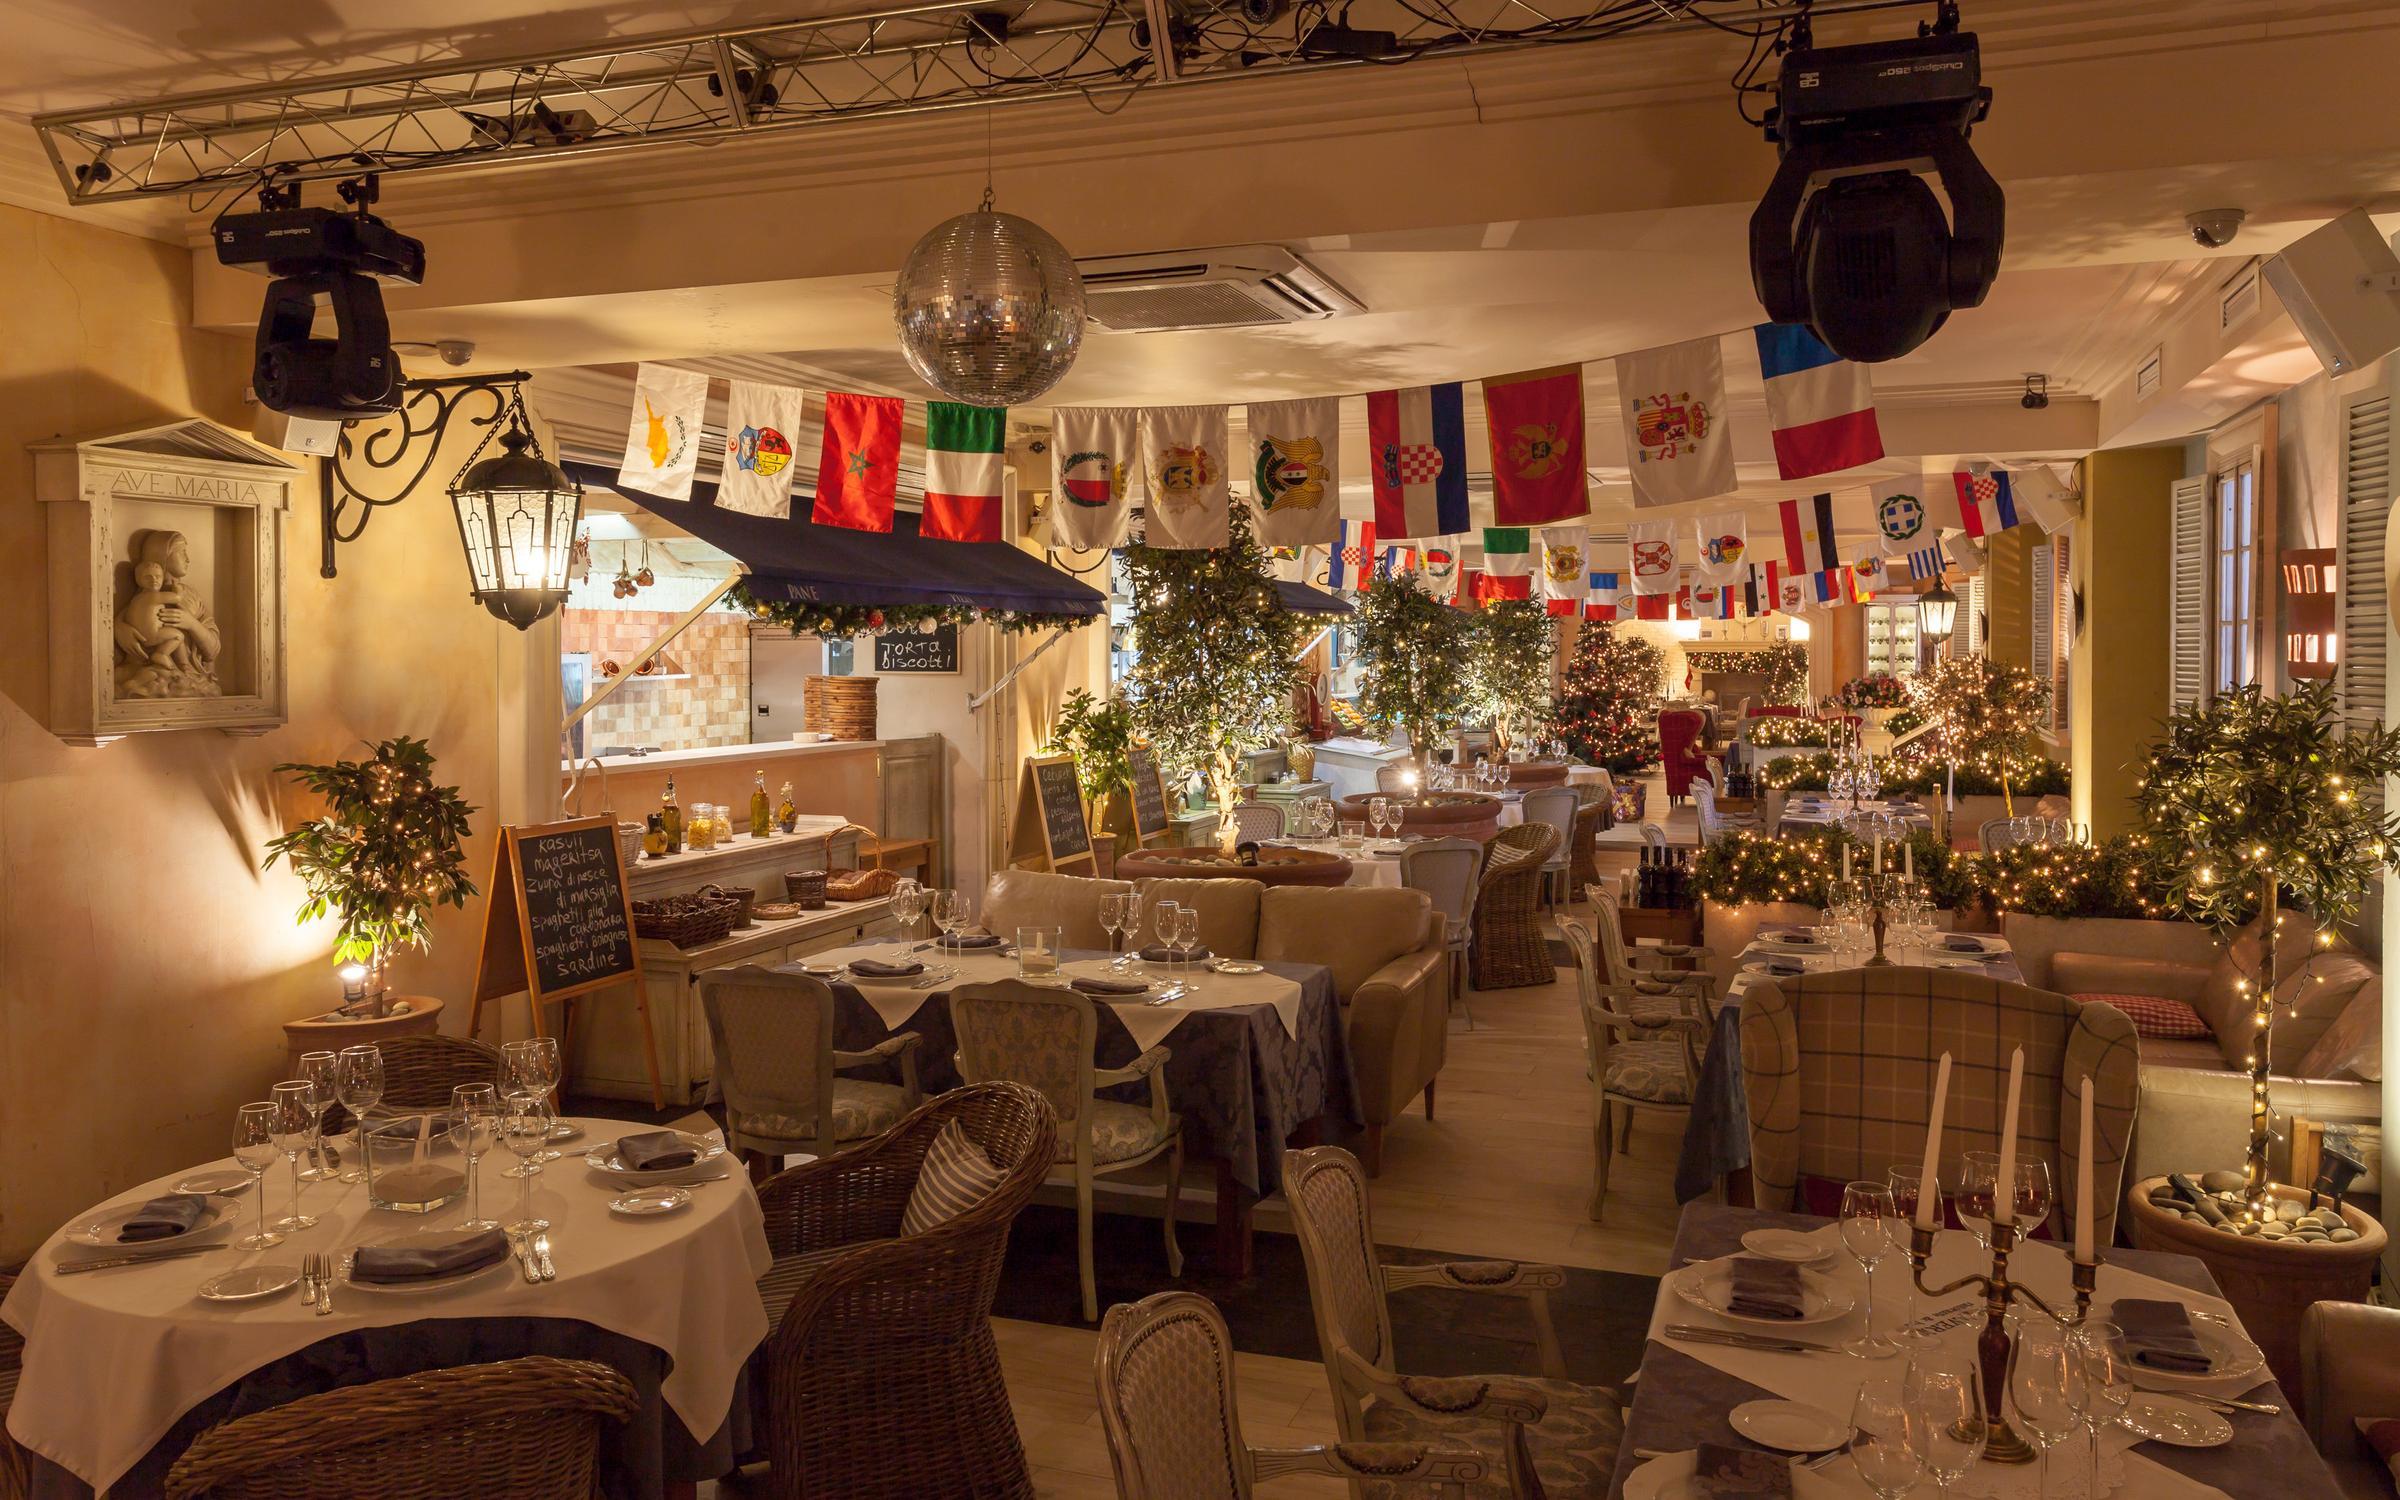 фотография Ресторана La Taverna в Шмитовском проезде на метро Улица 1905 года